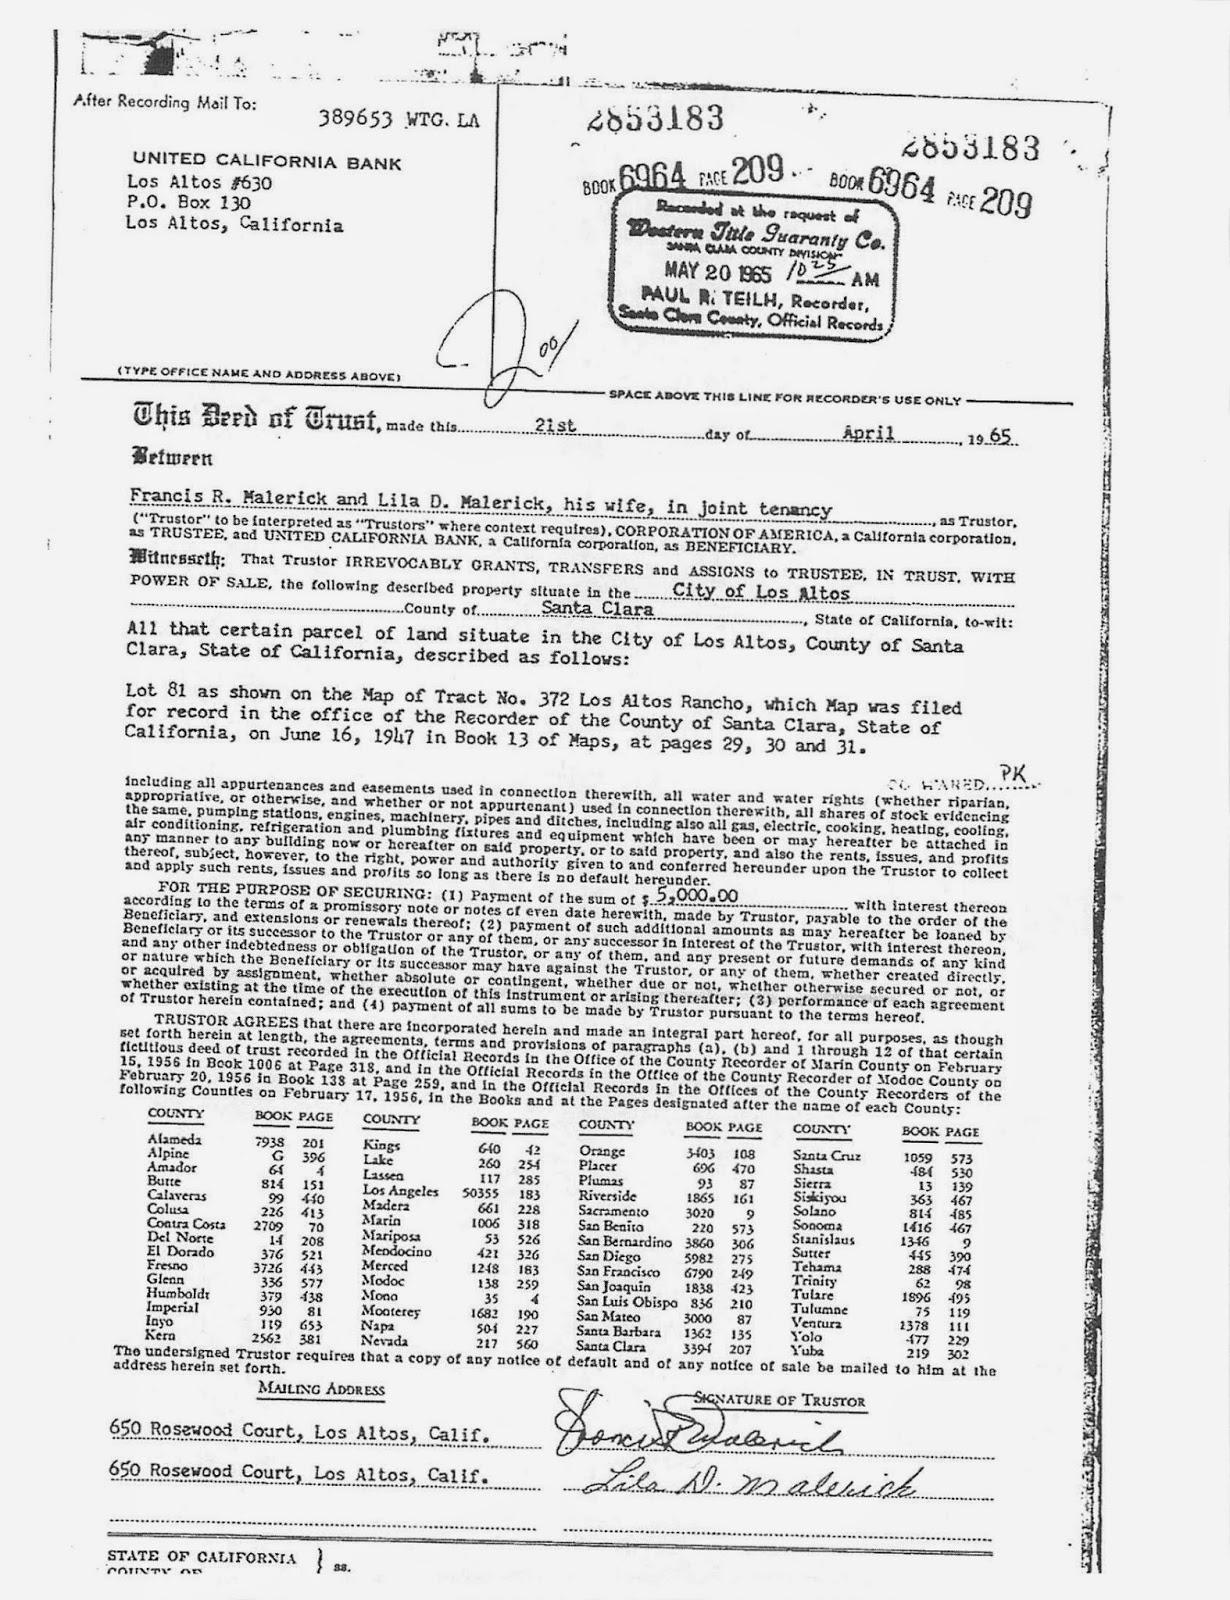 Estate Planning In California Small Estate Affidavit